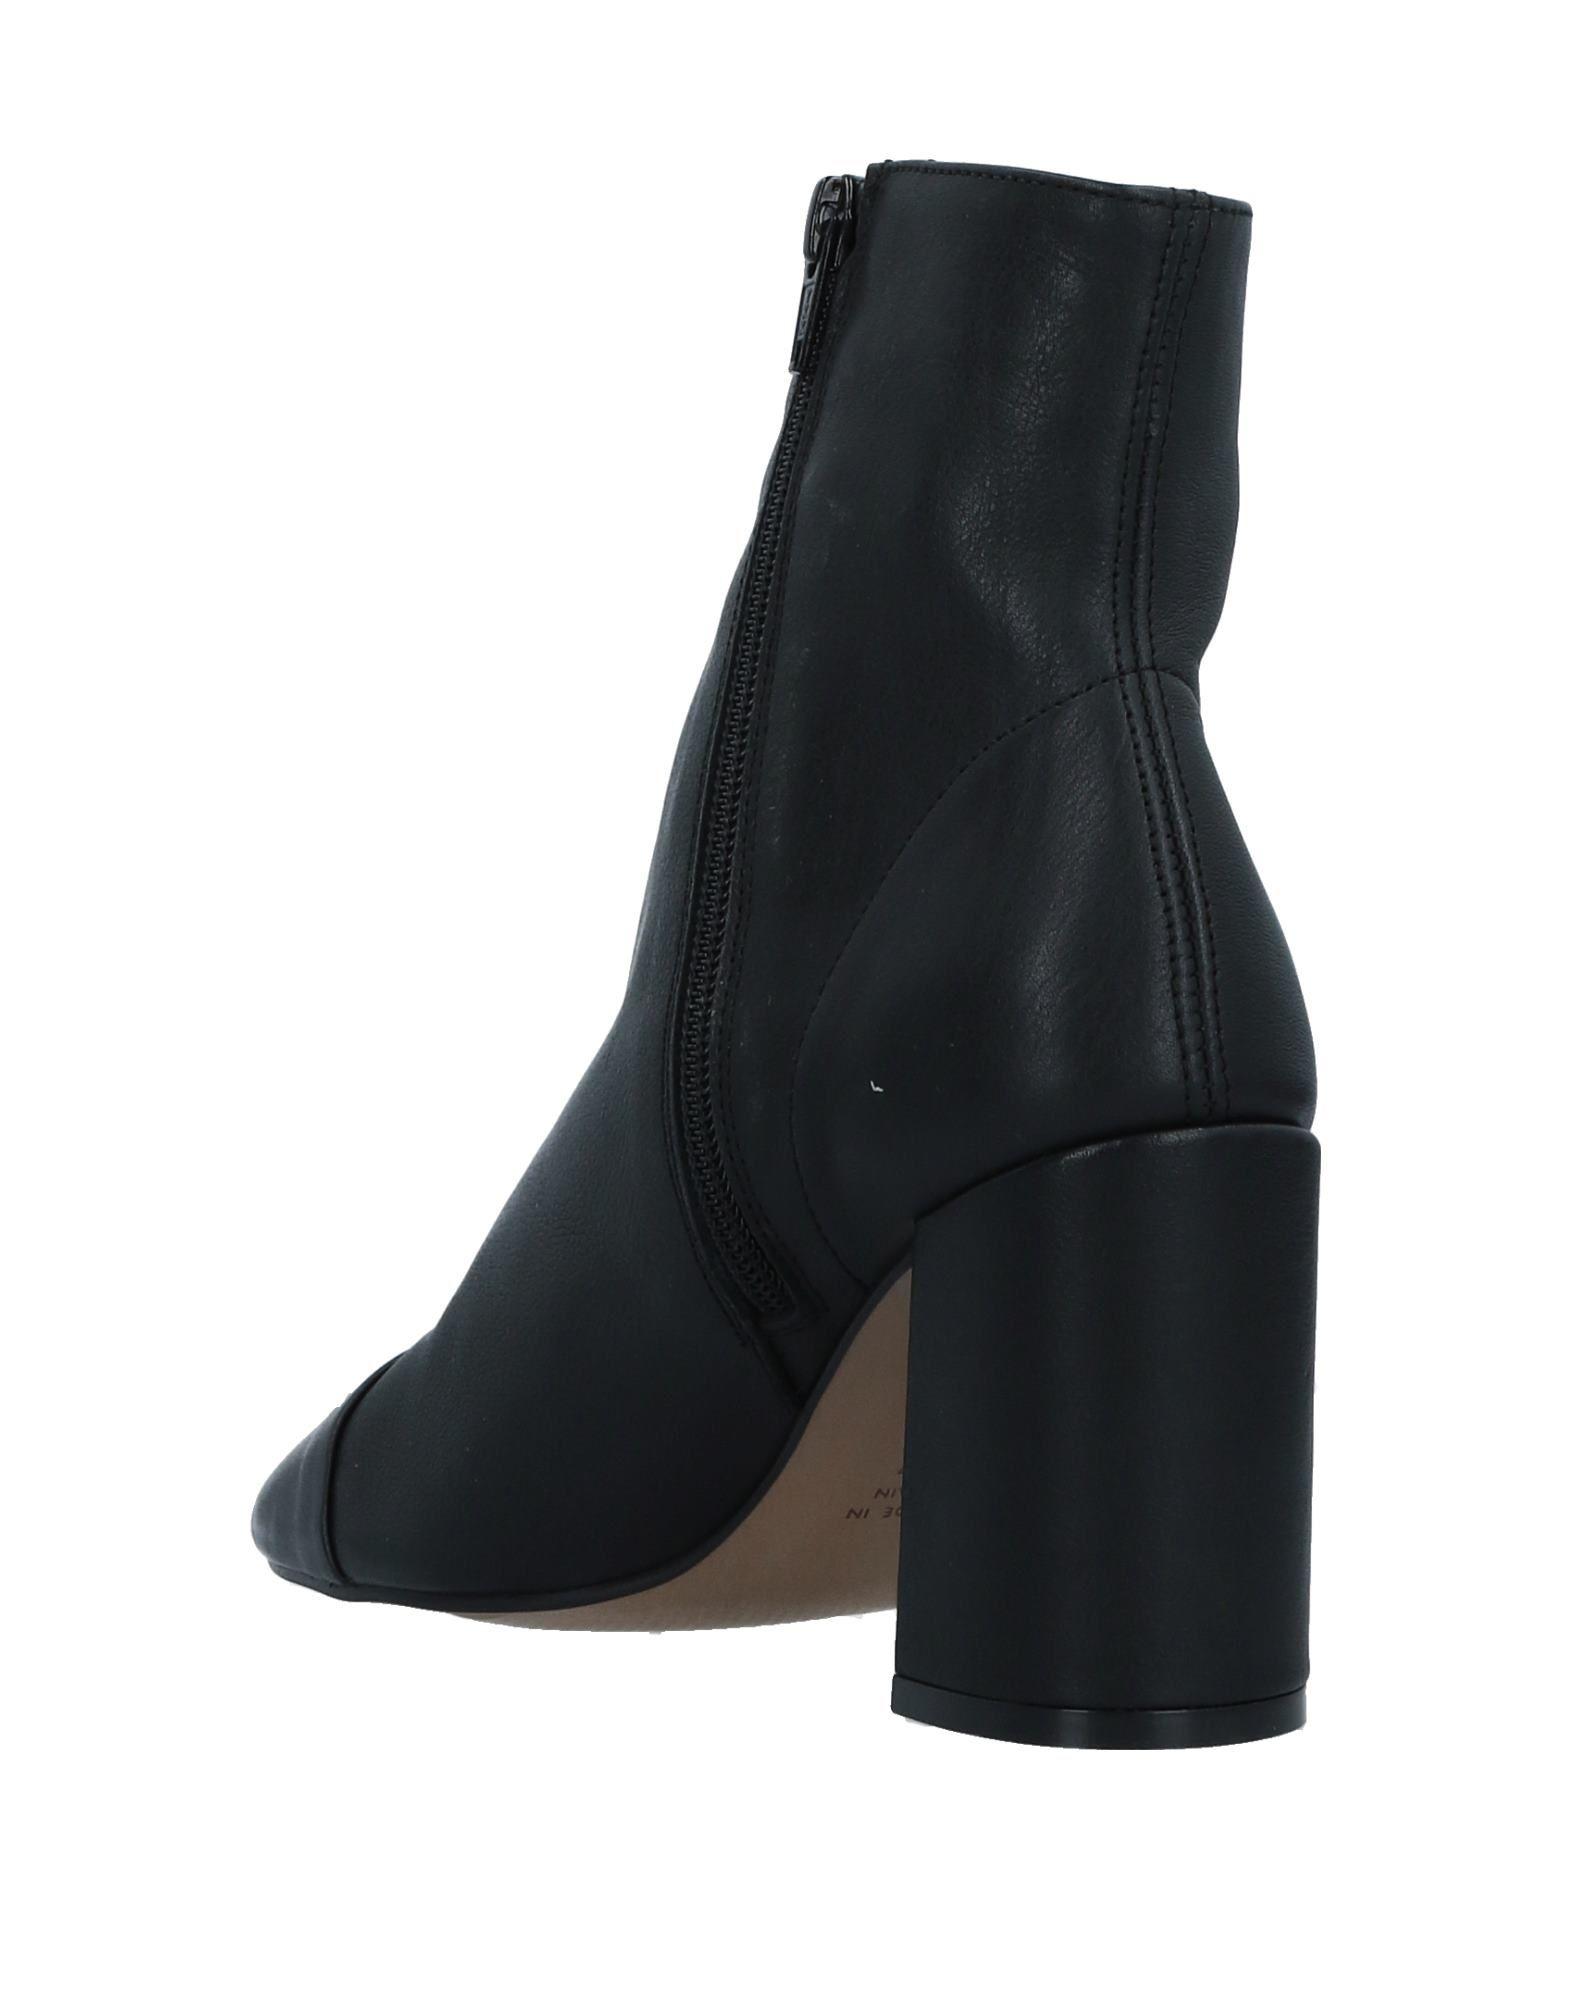 Stilvolle billige Stiefelette Schuhe Cross Walk Stiefelette billige Damen  11518215LC 2b95e3